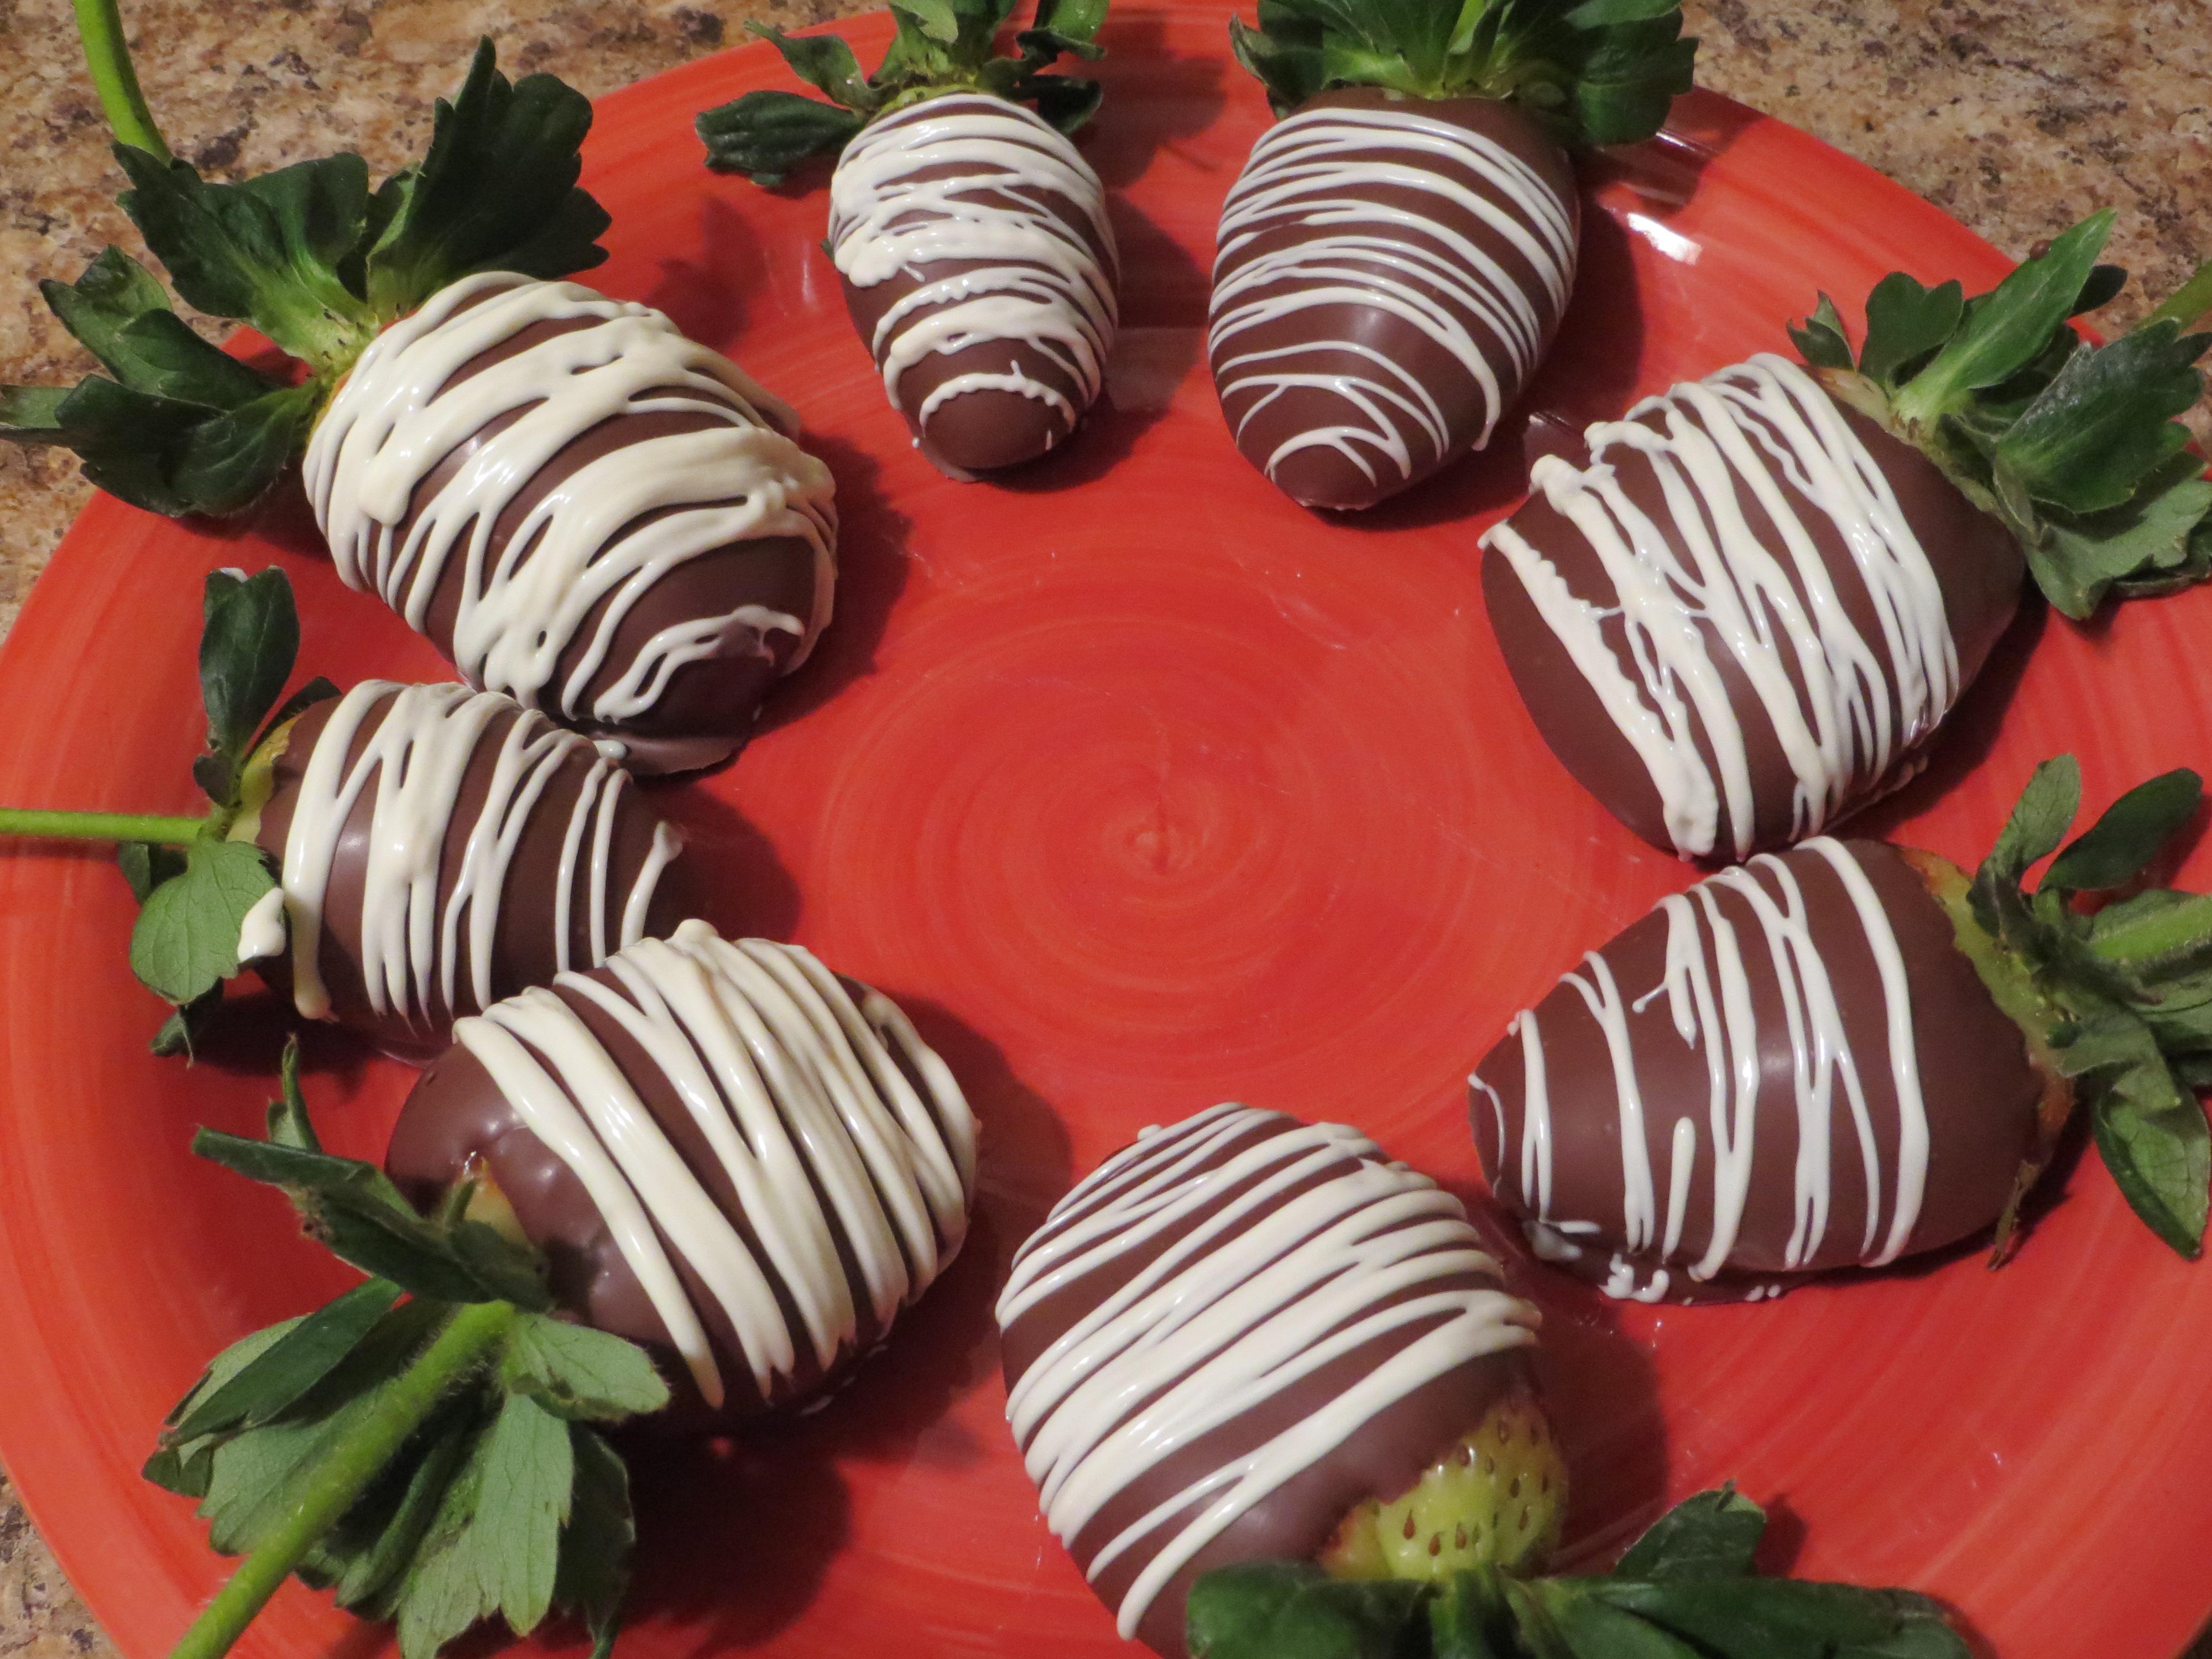 Foodie Friday: Easy Chocolate Covered Strawberries - Jamie Novak